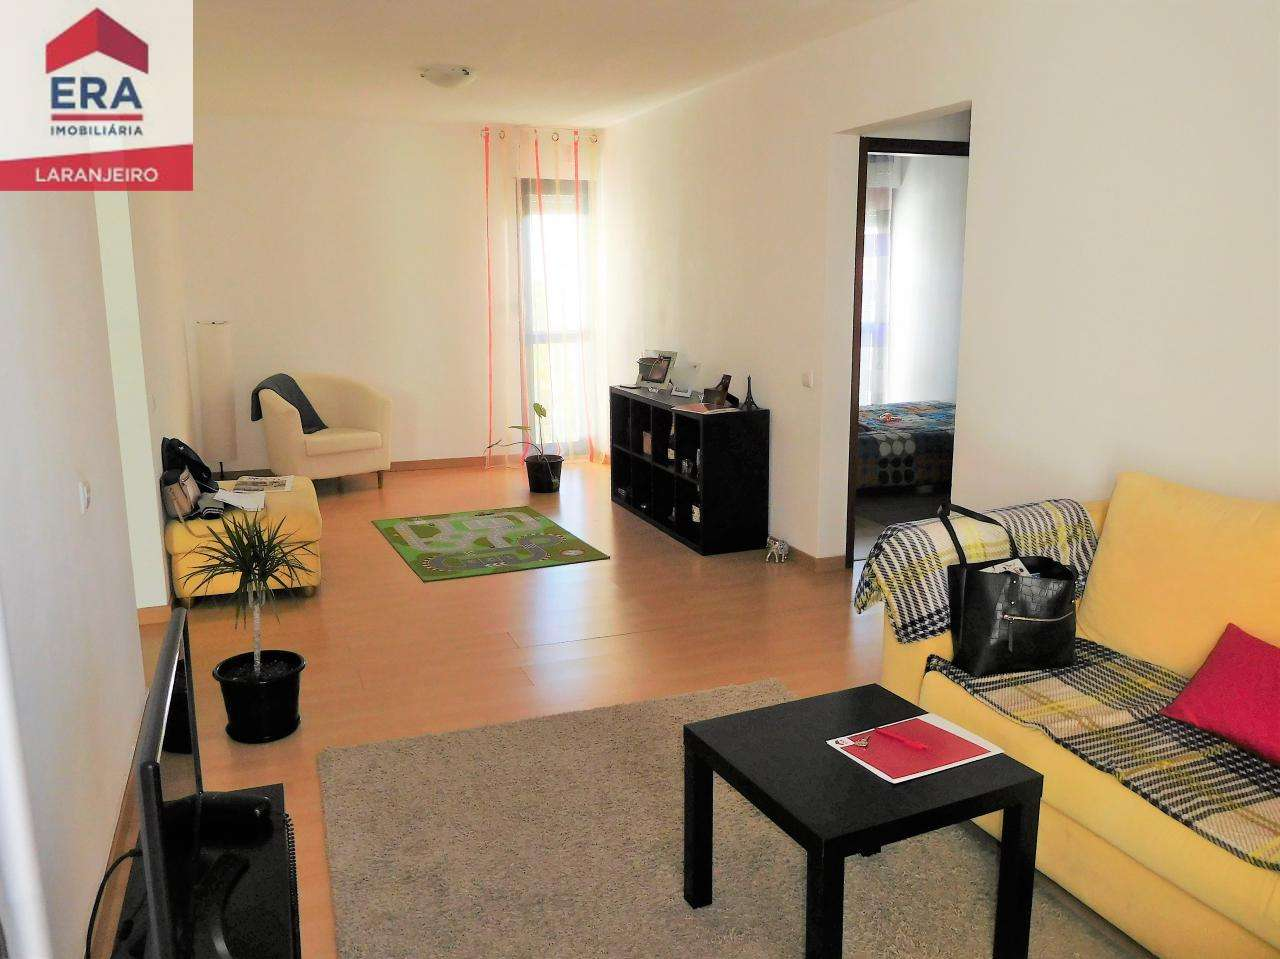 Apartamento para comprar, Laranjeiro e Feijó, Setúbal - Foto 1